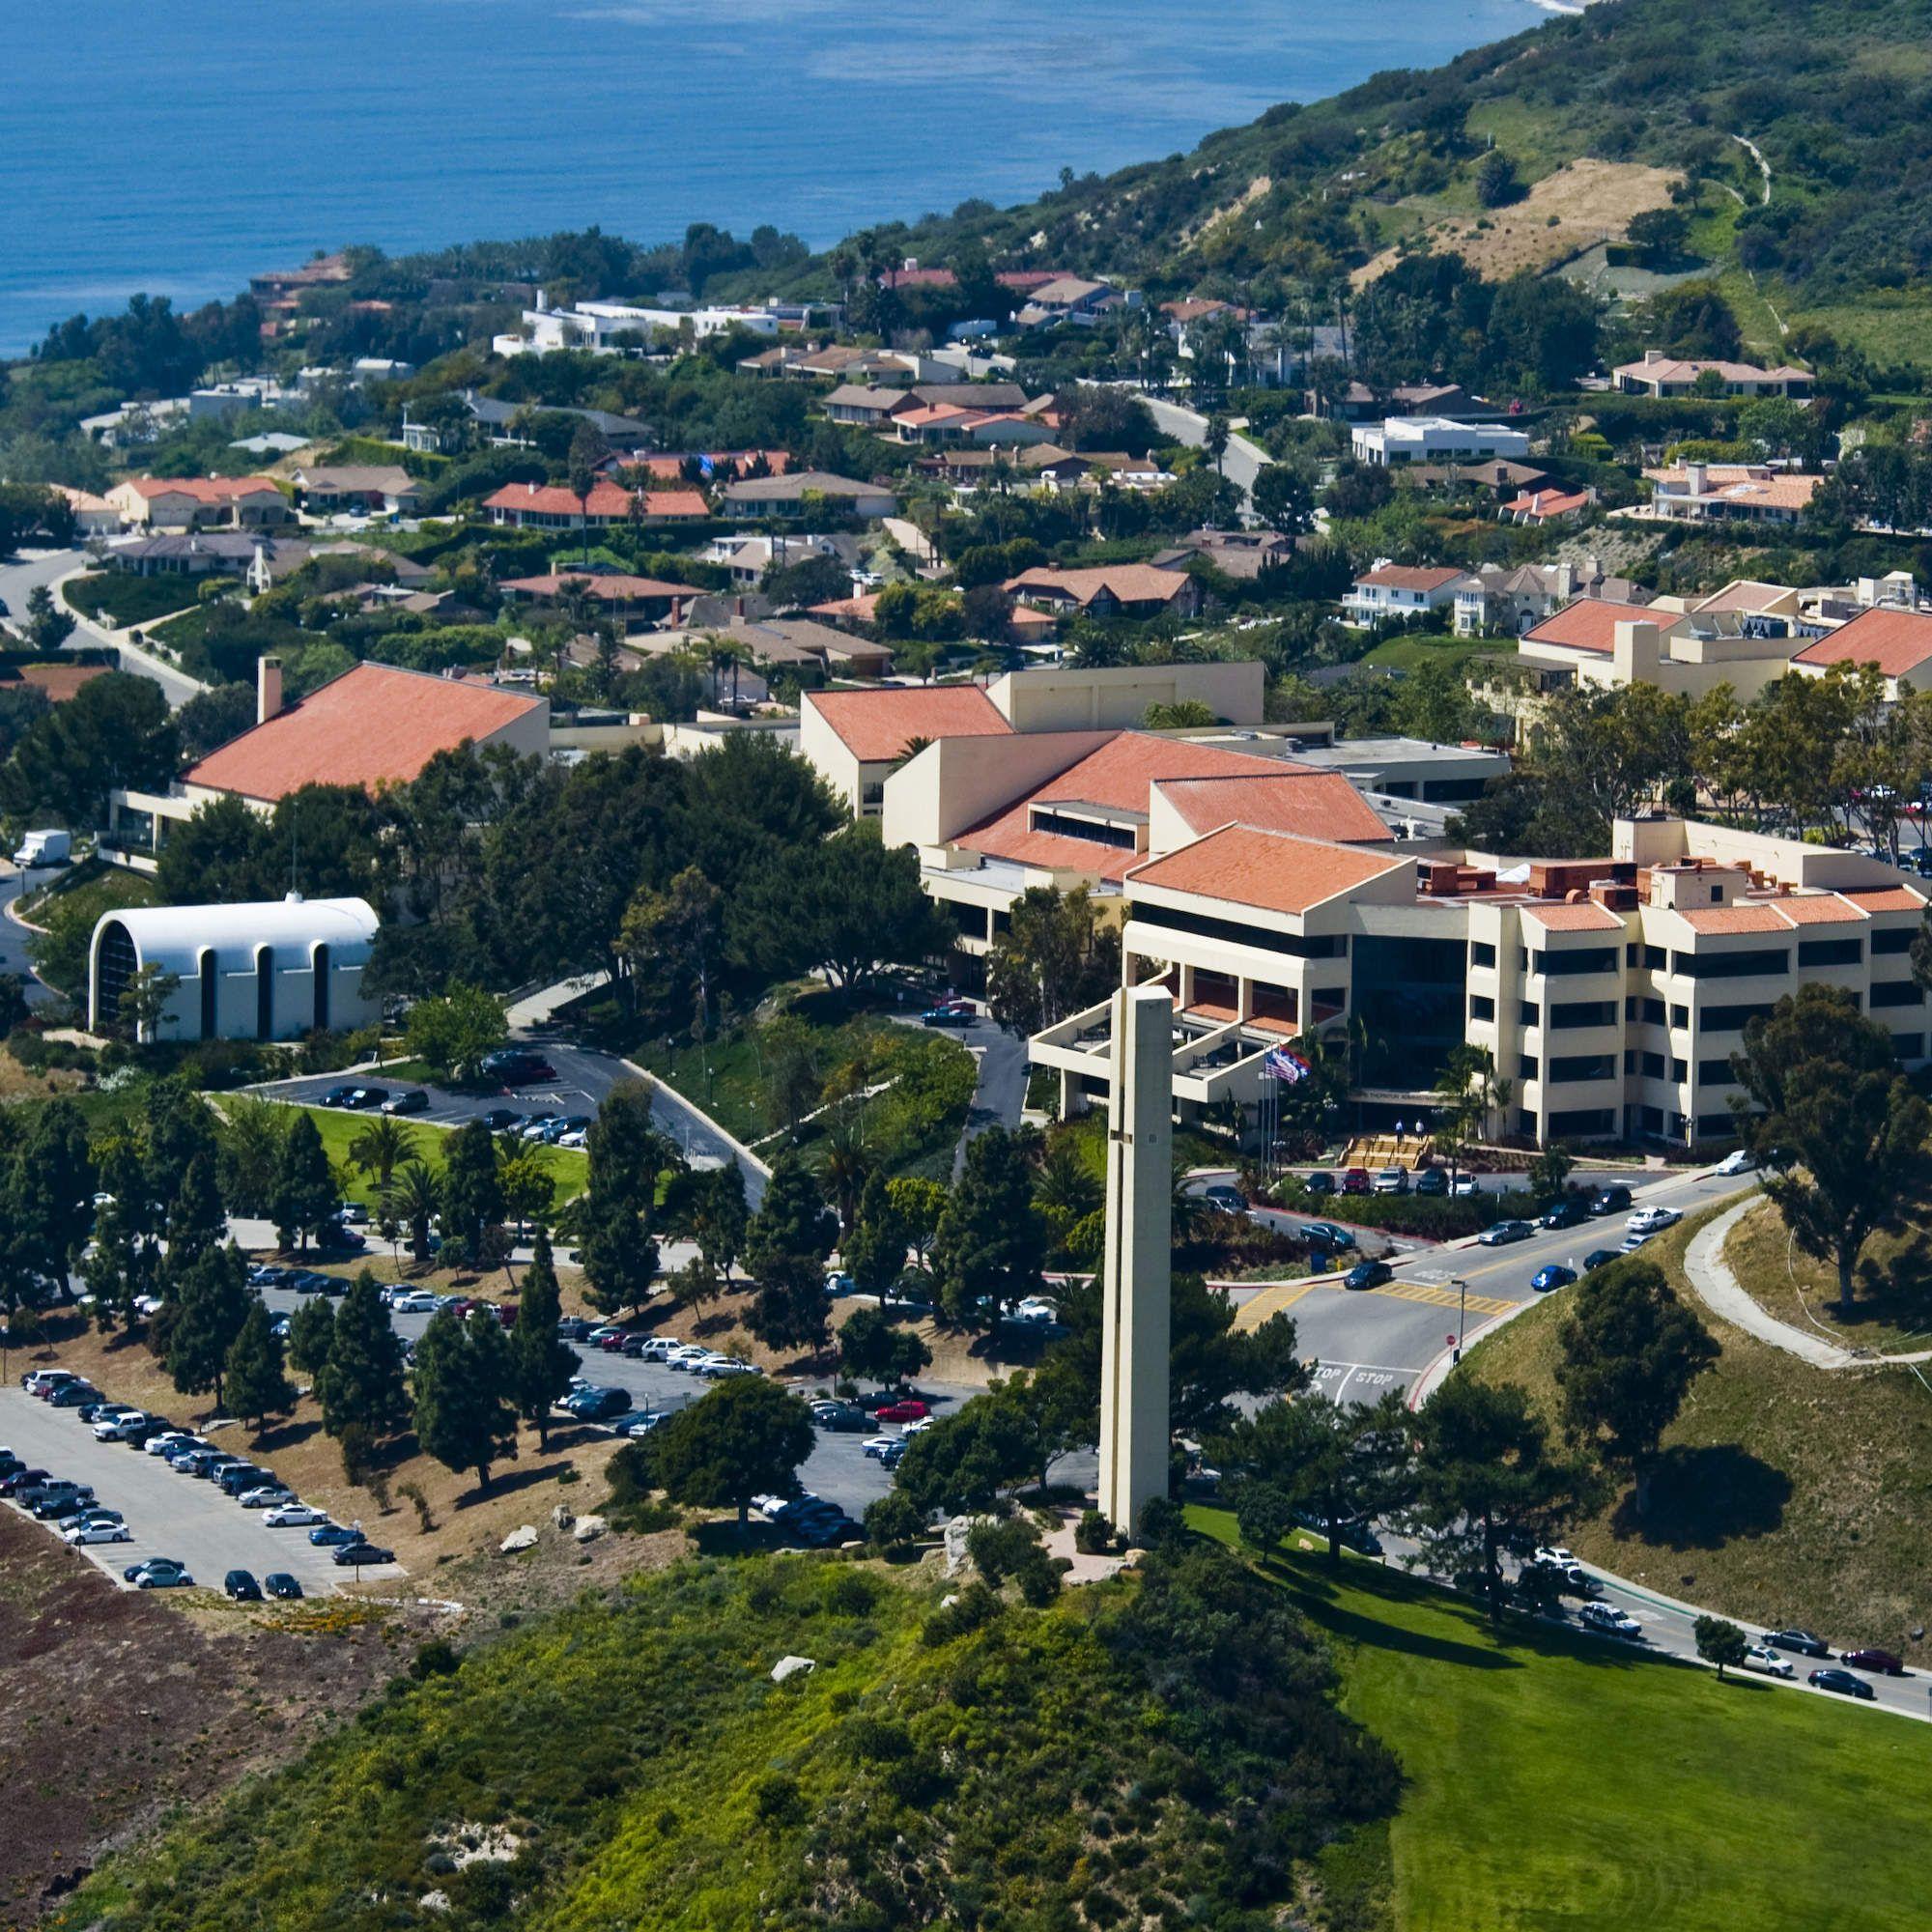 The 25 Most Beautiful College Campuses in America   Pepperdine -- Malibu, California